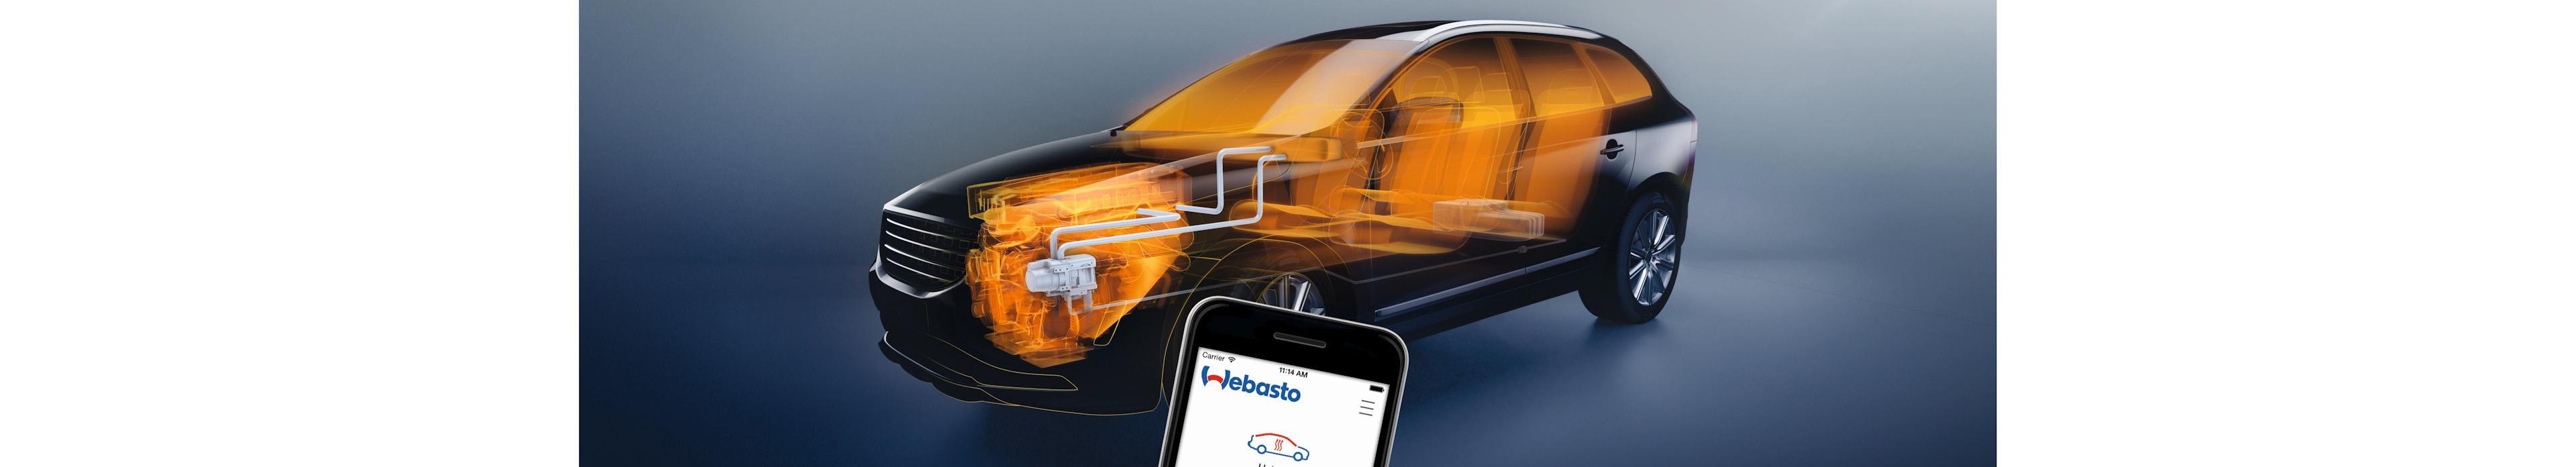 Autoruit vervangen of repareren, we regelen alles met uw verzekering www.carcoolsystems.nl